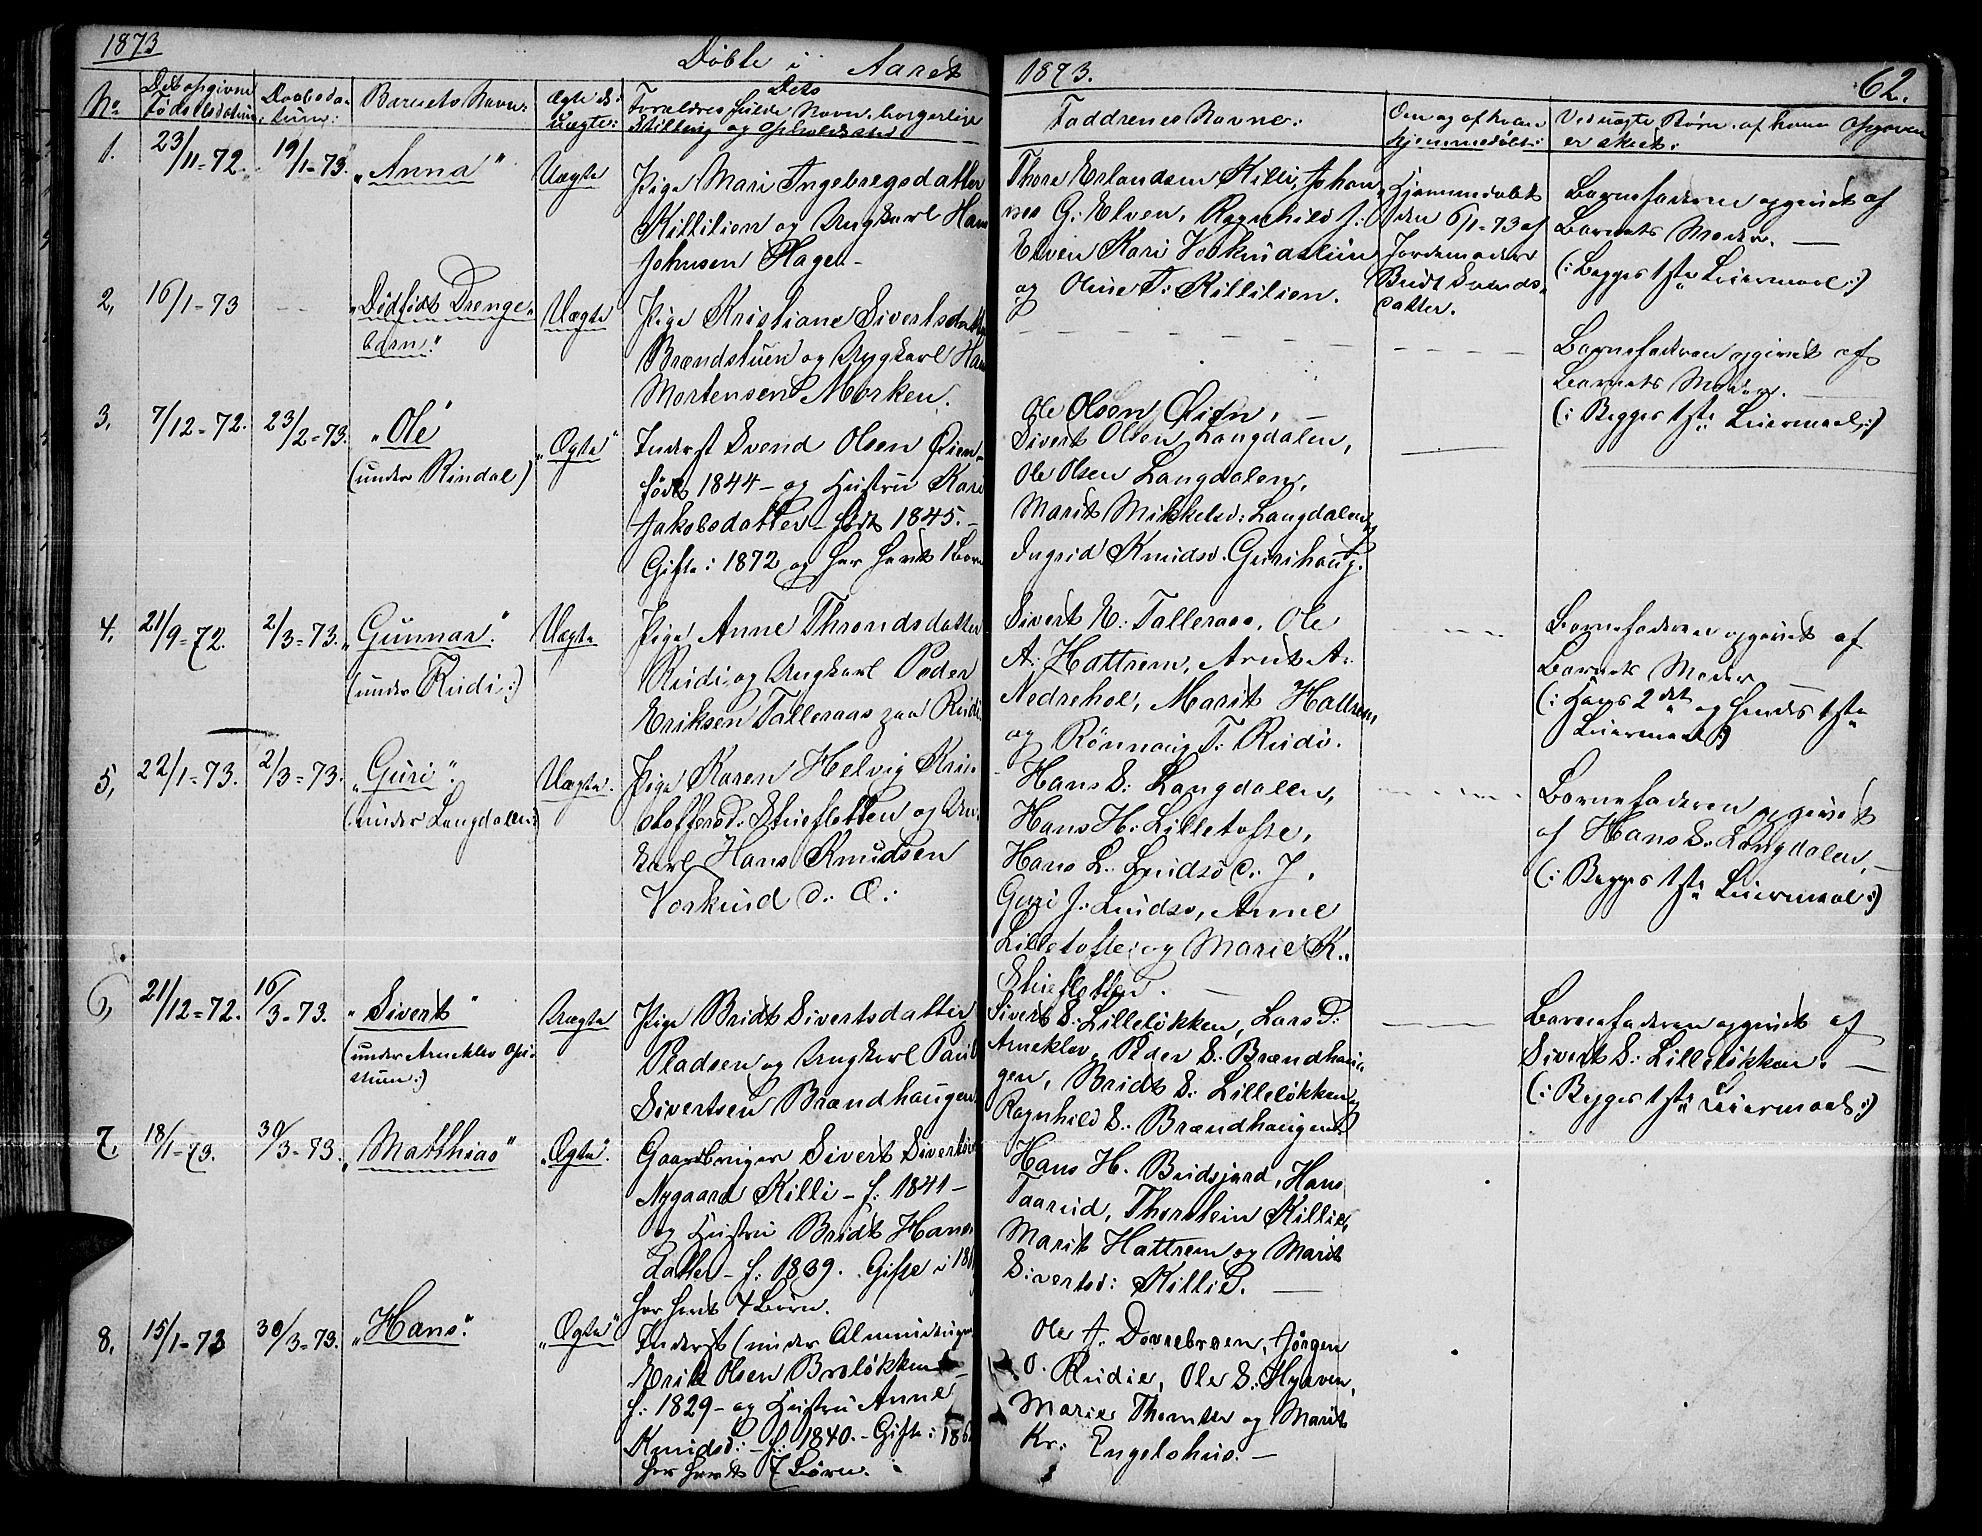 SAH, Dovre prestekontor, Klokkerbok nr. 1, 1862-1880, s. 62